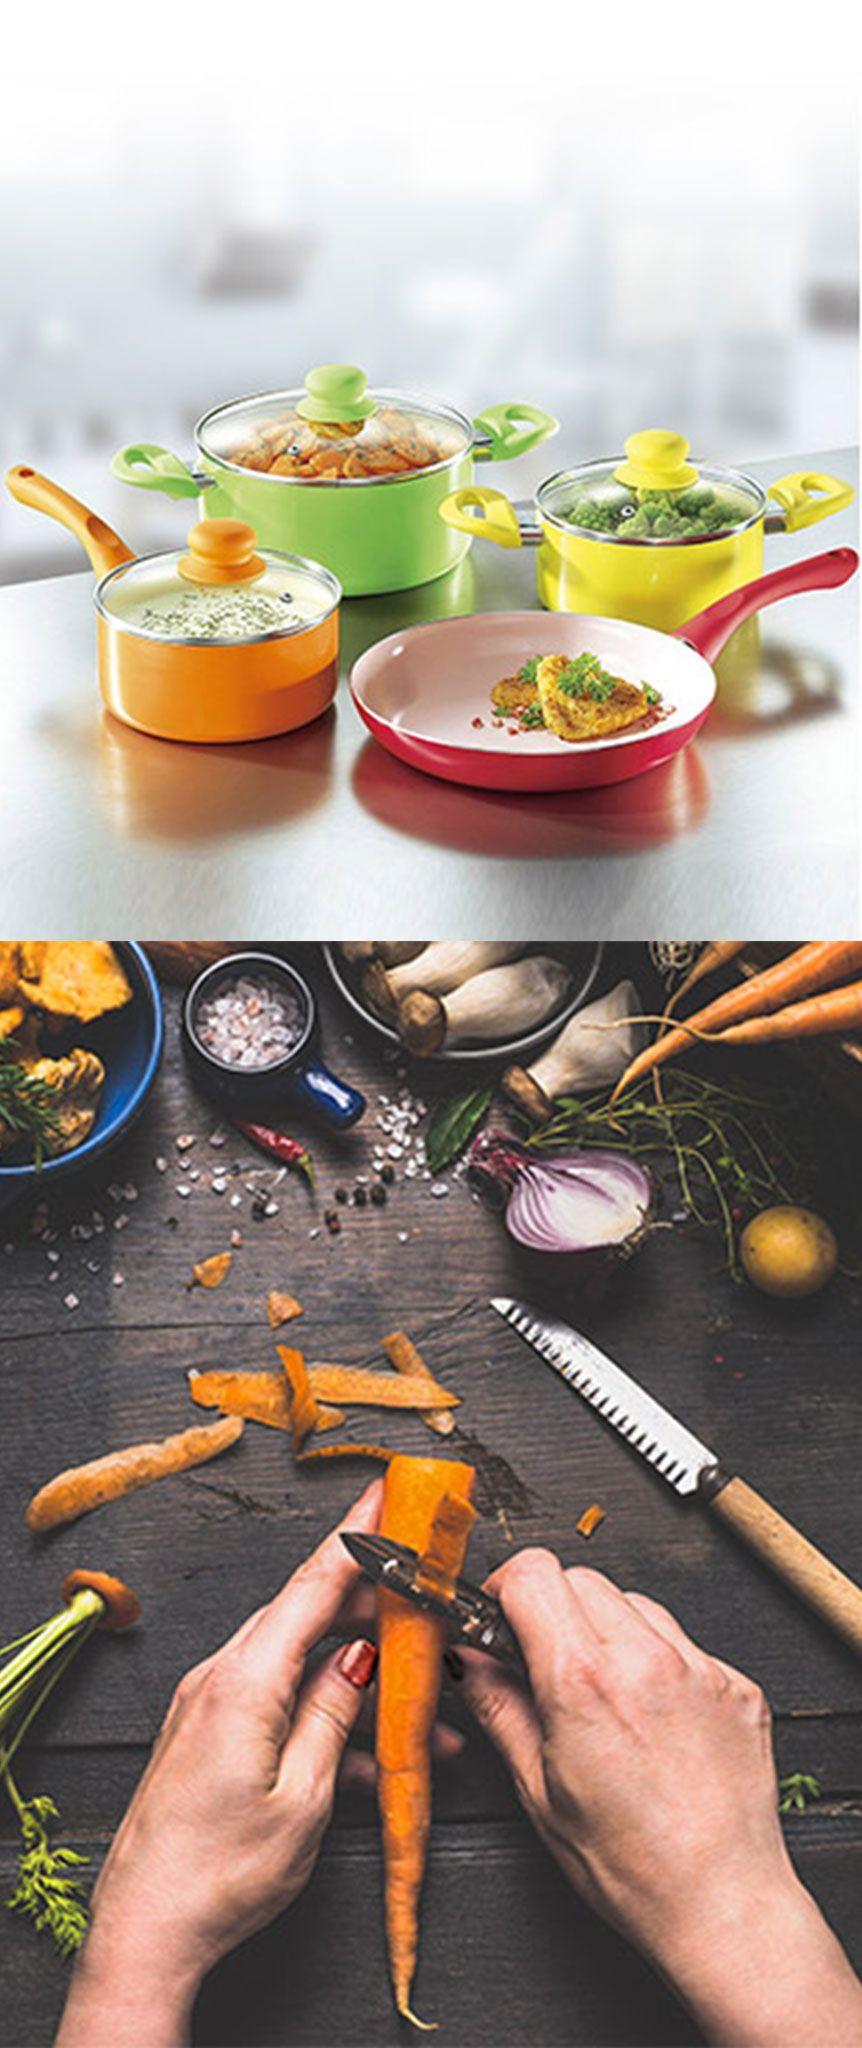 Kochen Macht Spass kochen macht spaß vor allem wenn töpfe und pfannen schön bunt und